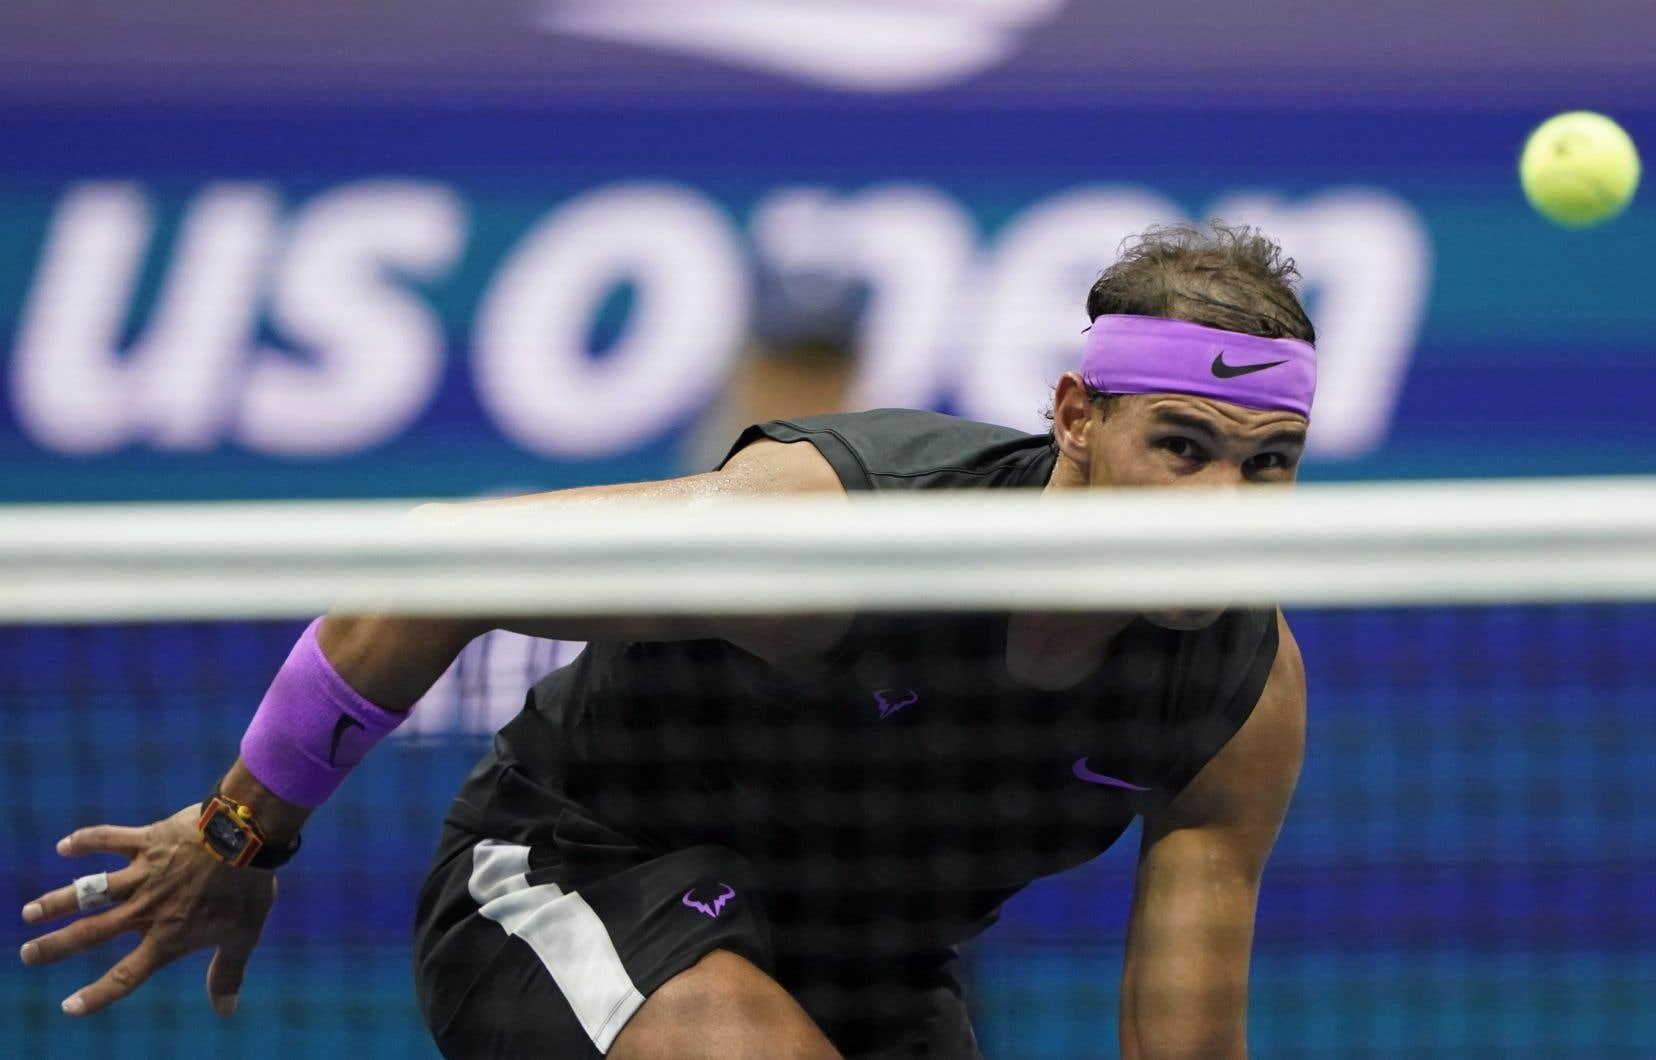 Le champion en titre, l'Espagnol Rafael Nadal ne participera pas aux Internationaux des États-Unis en raison de la pandémie de coronavirus.